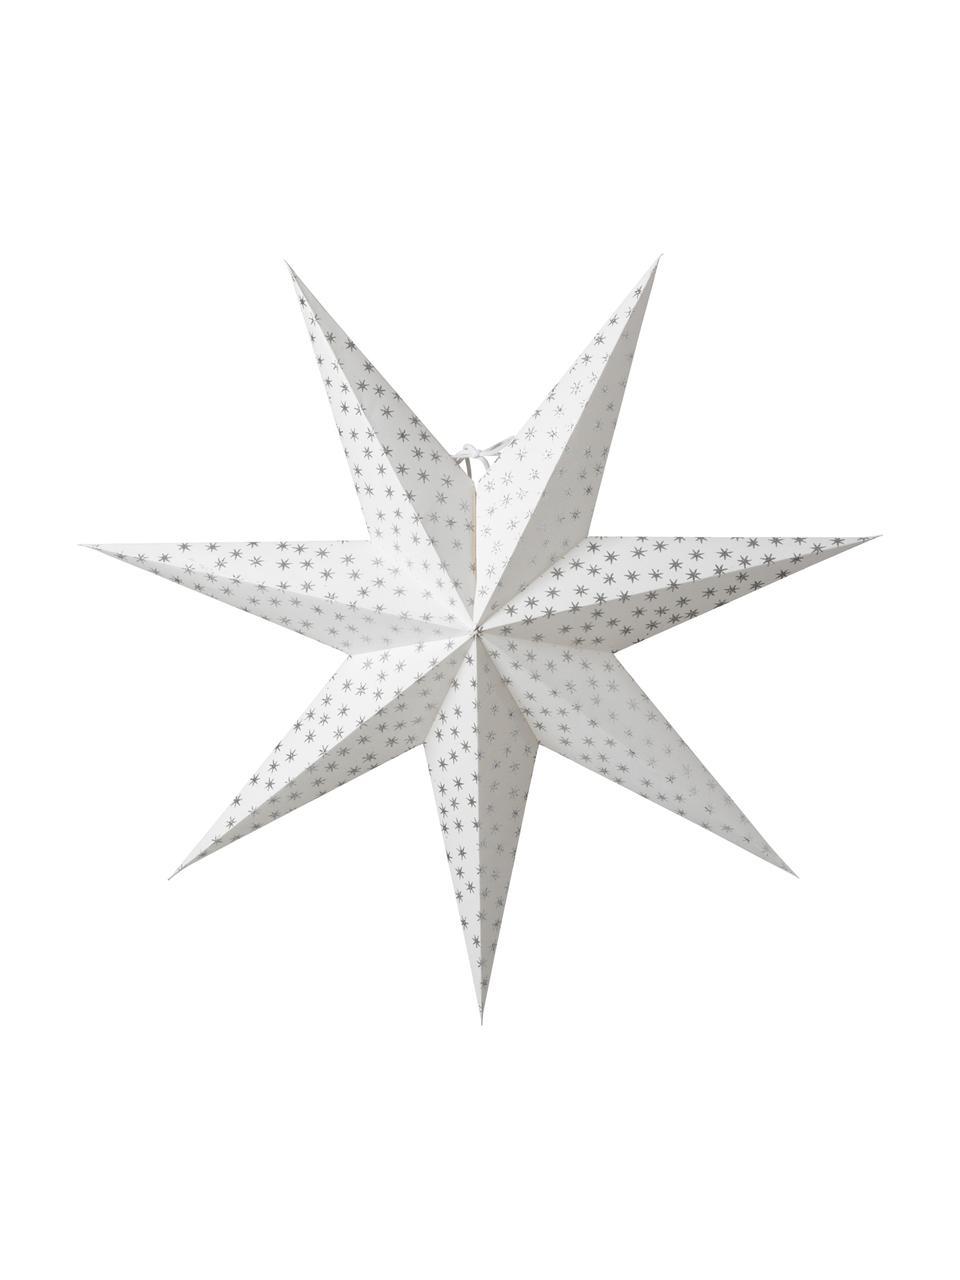 Handgefertigter Weihnachtsstern Asta, Papier, Weiß, Silberfarben, Ø 60 cm